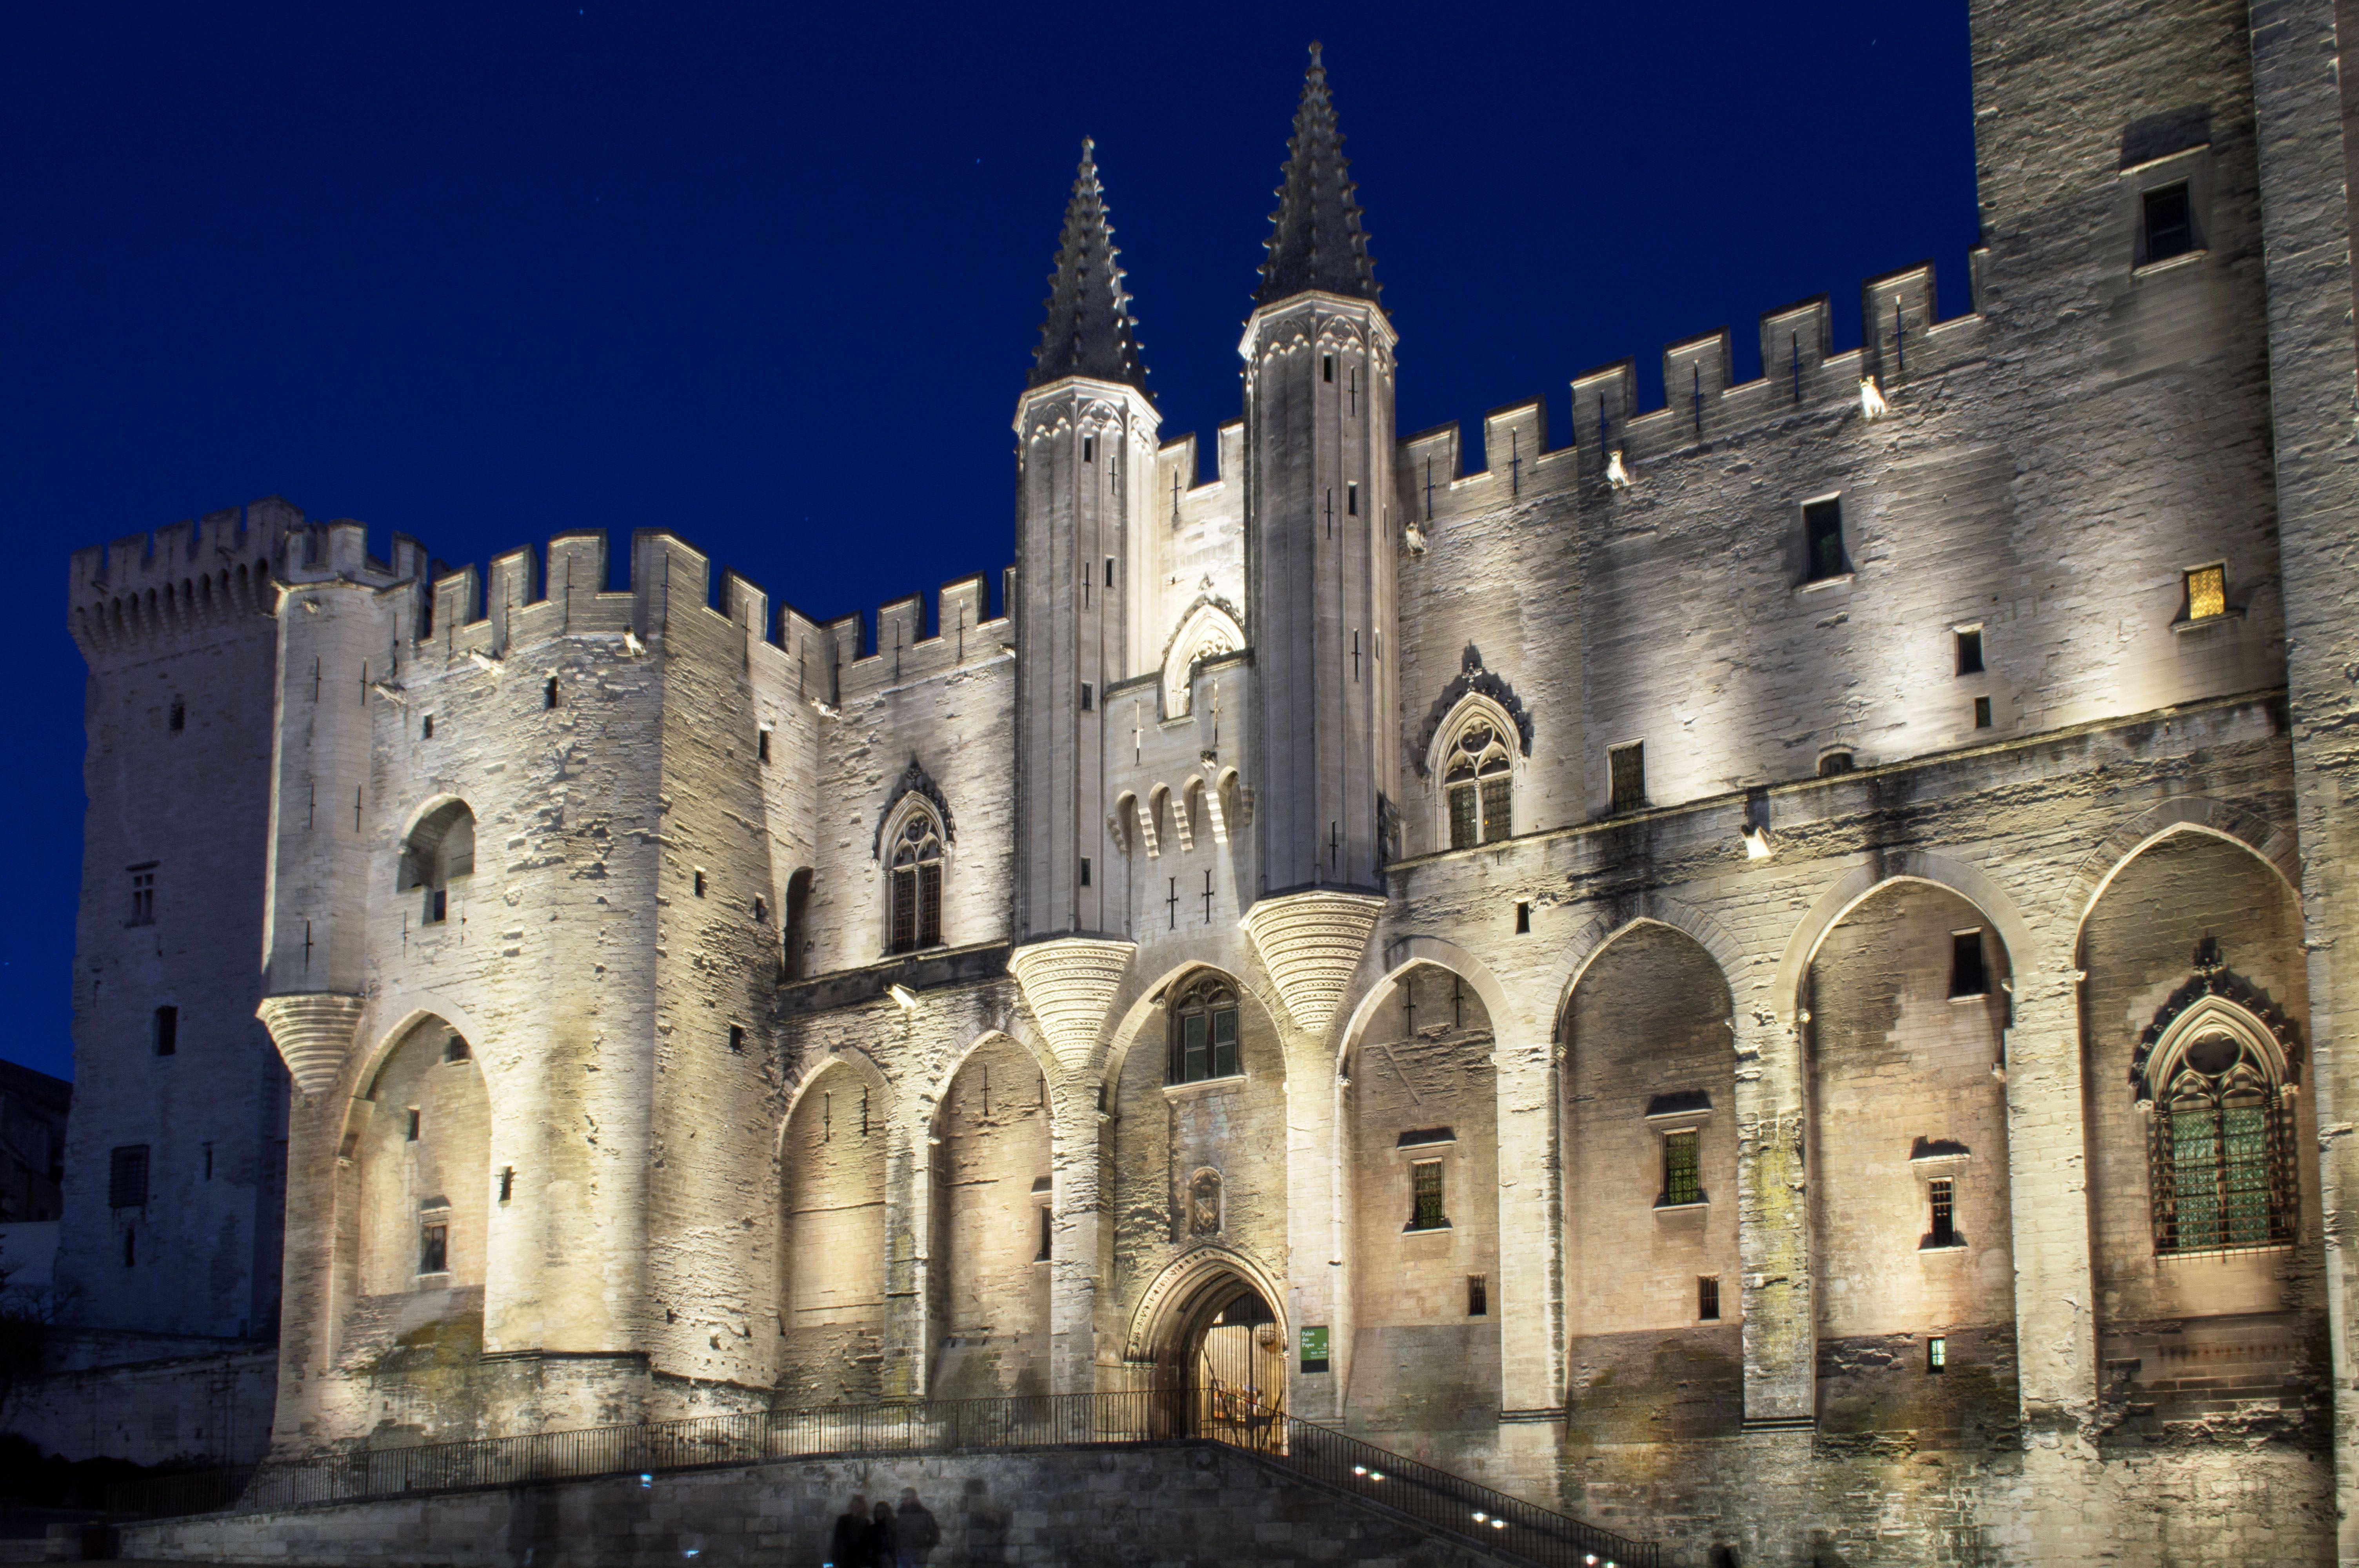 Palais de Papes, Avignon